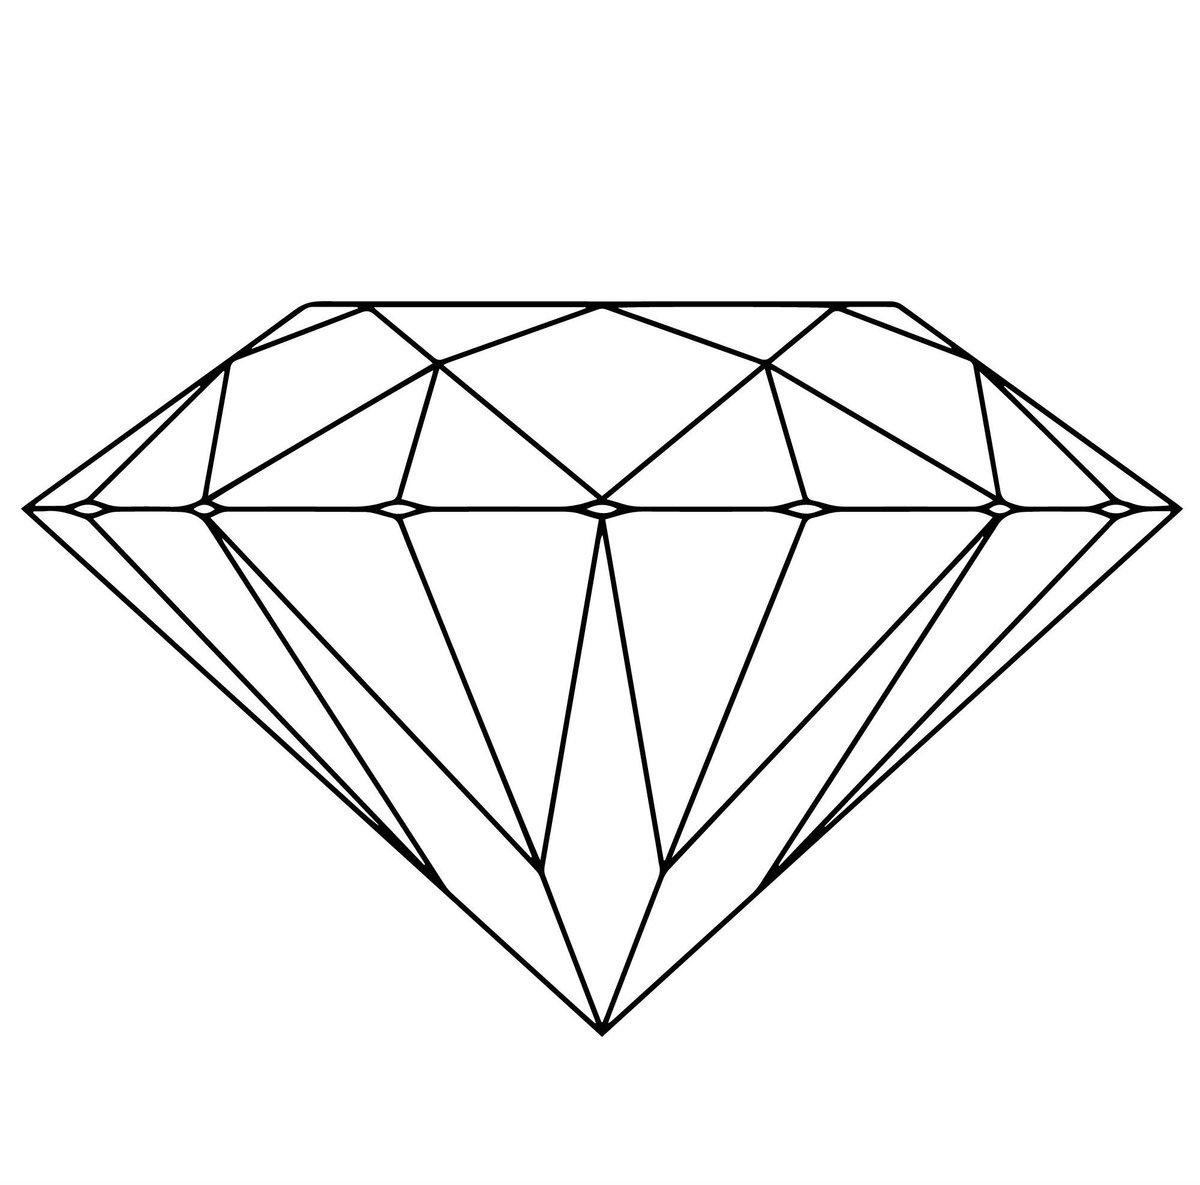 первый план картинки рисунок бриллианта что вам